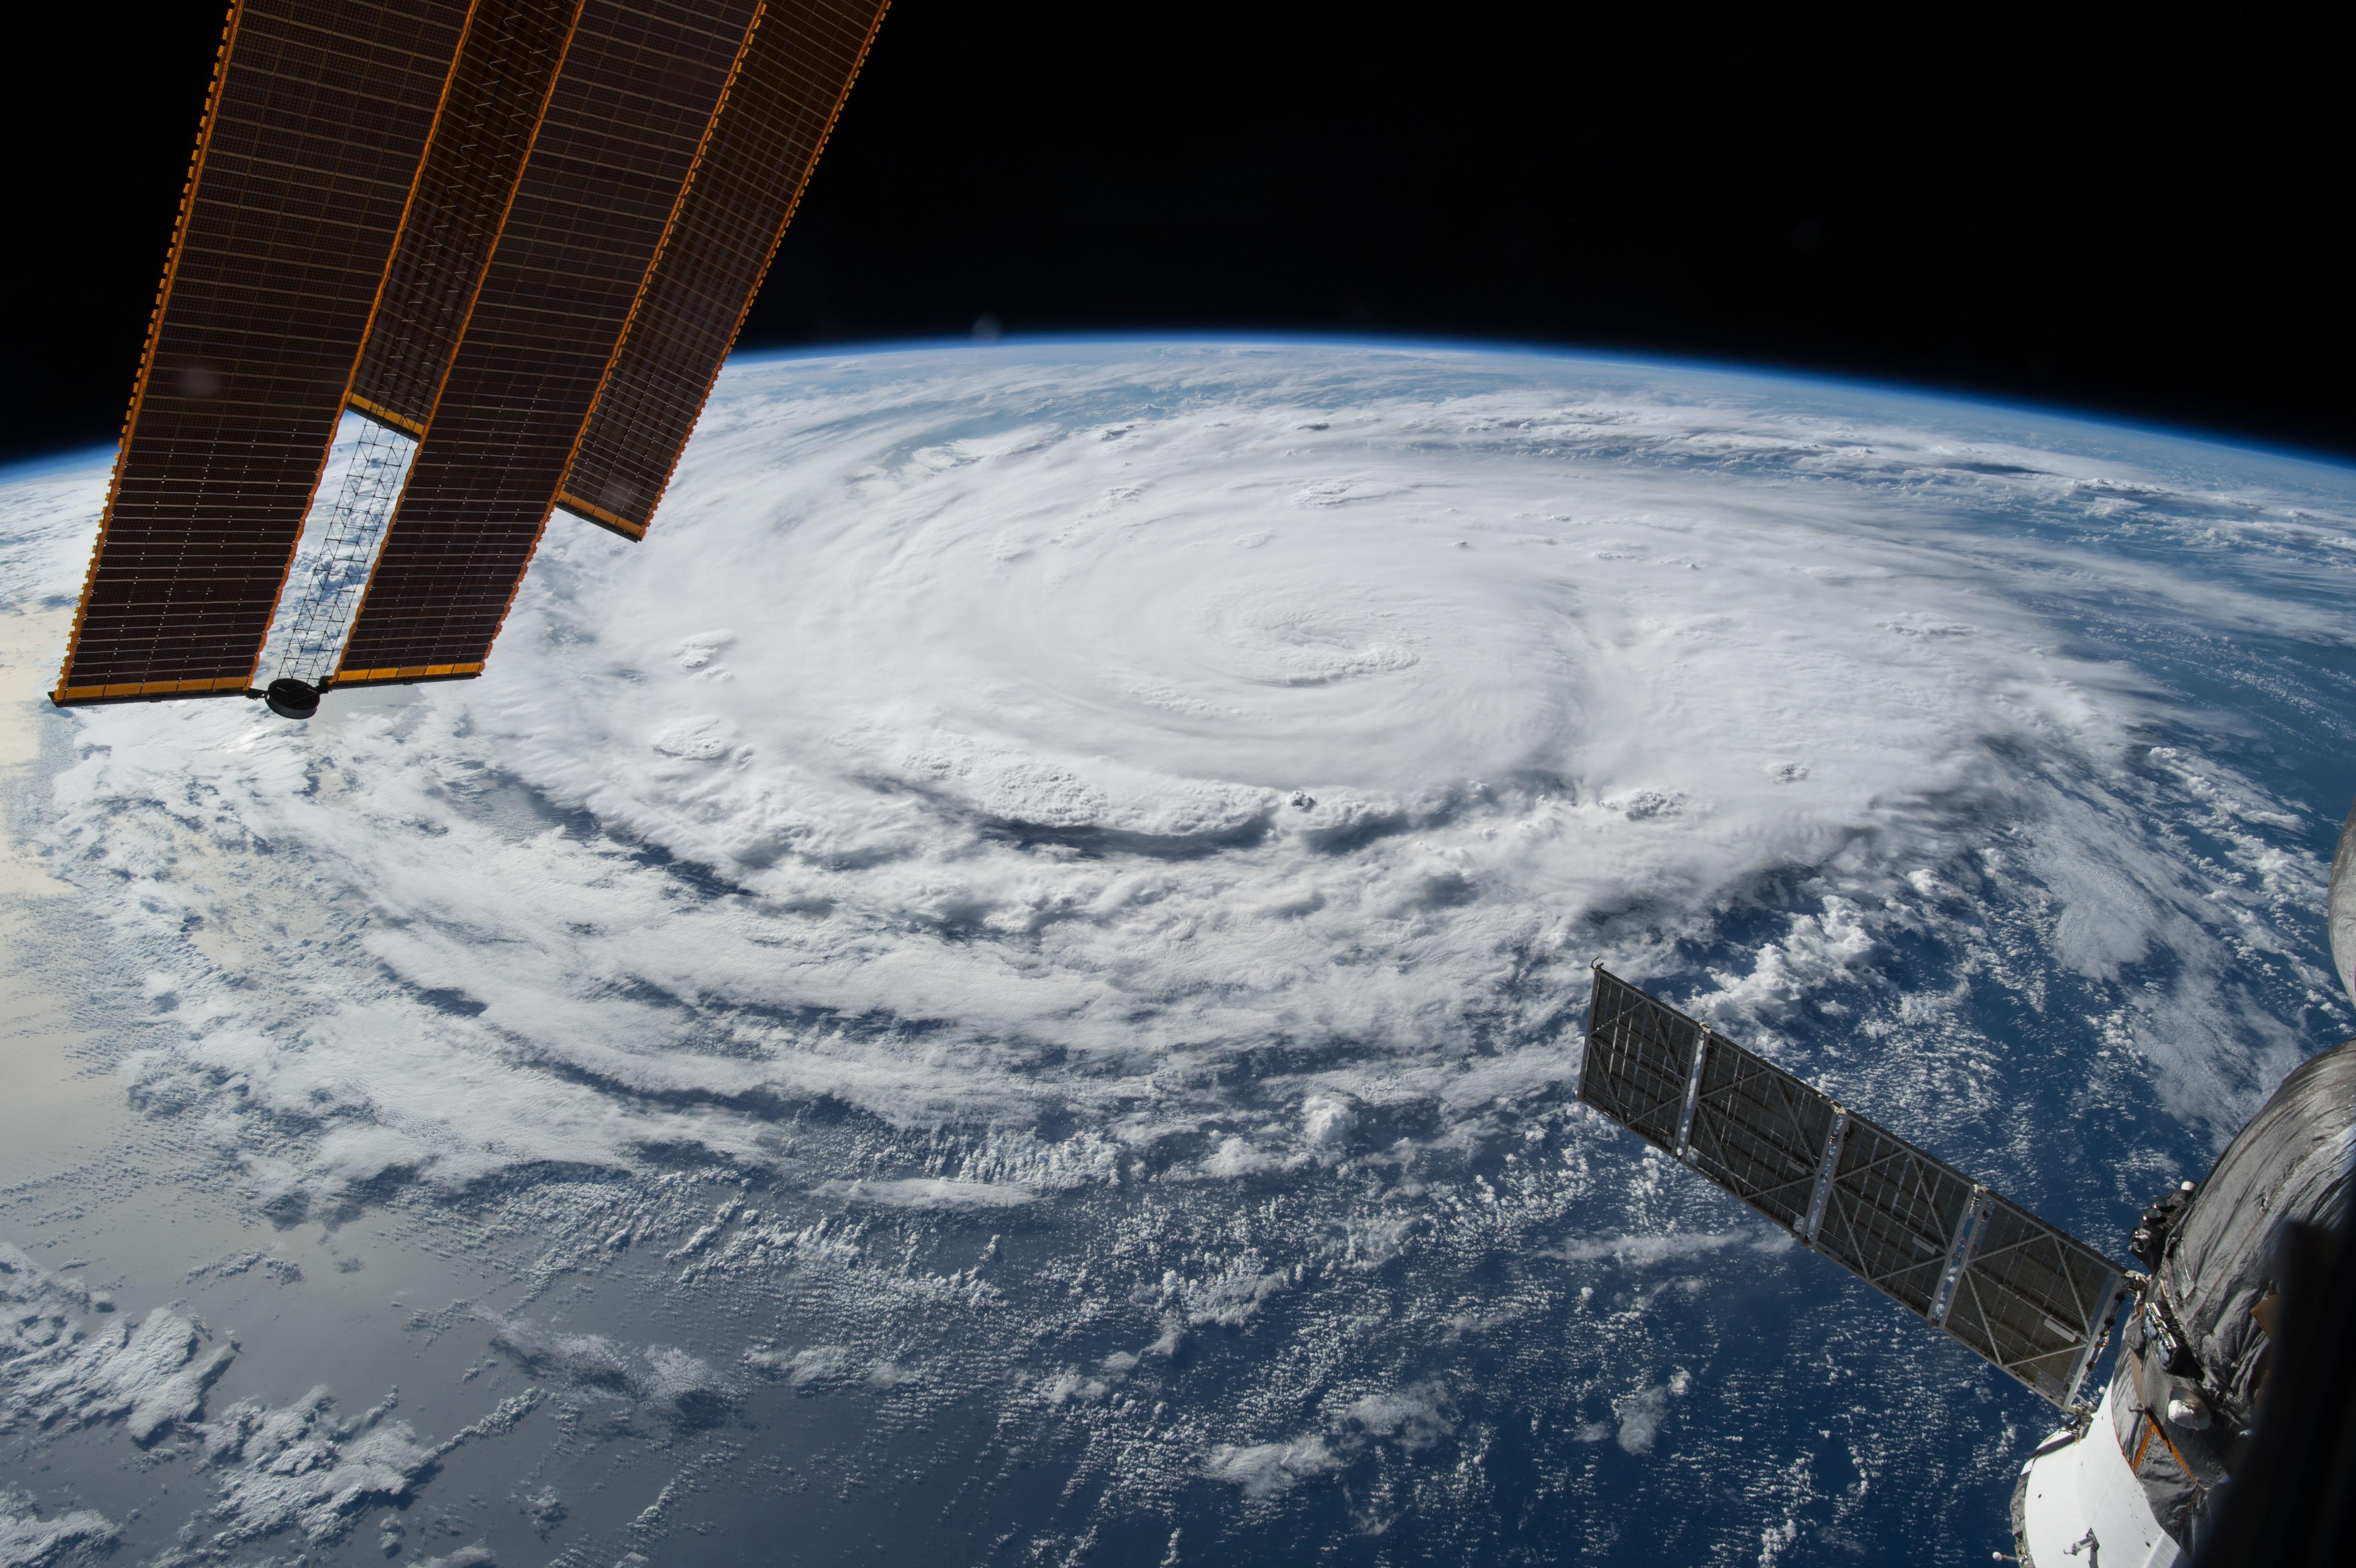 Hurrikan aus Weltraumsicht